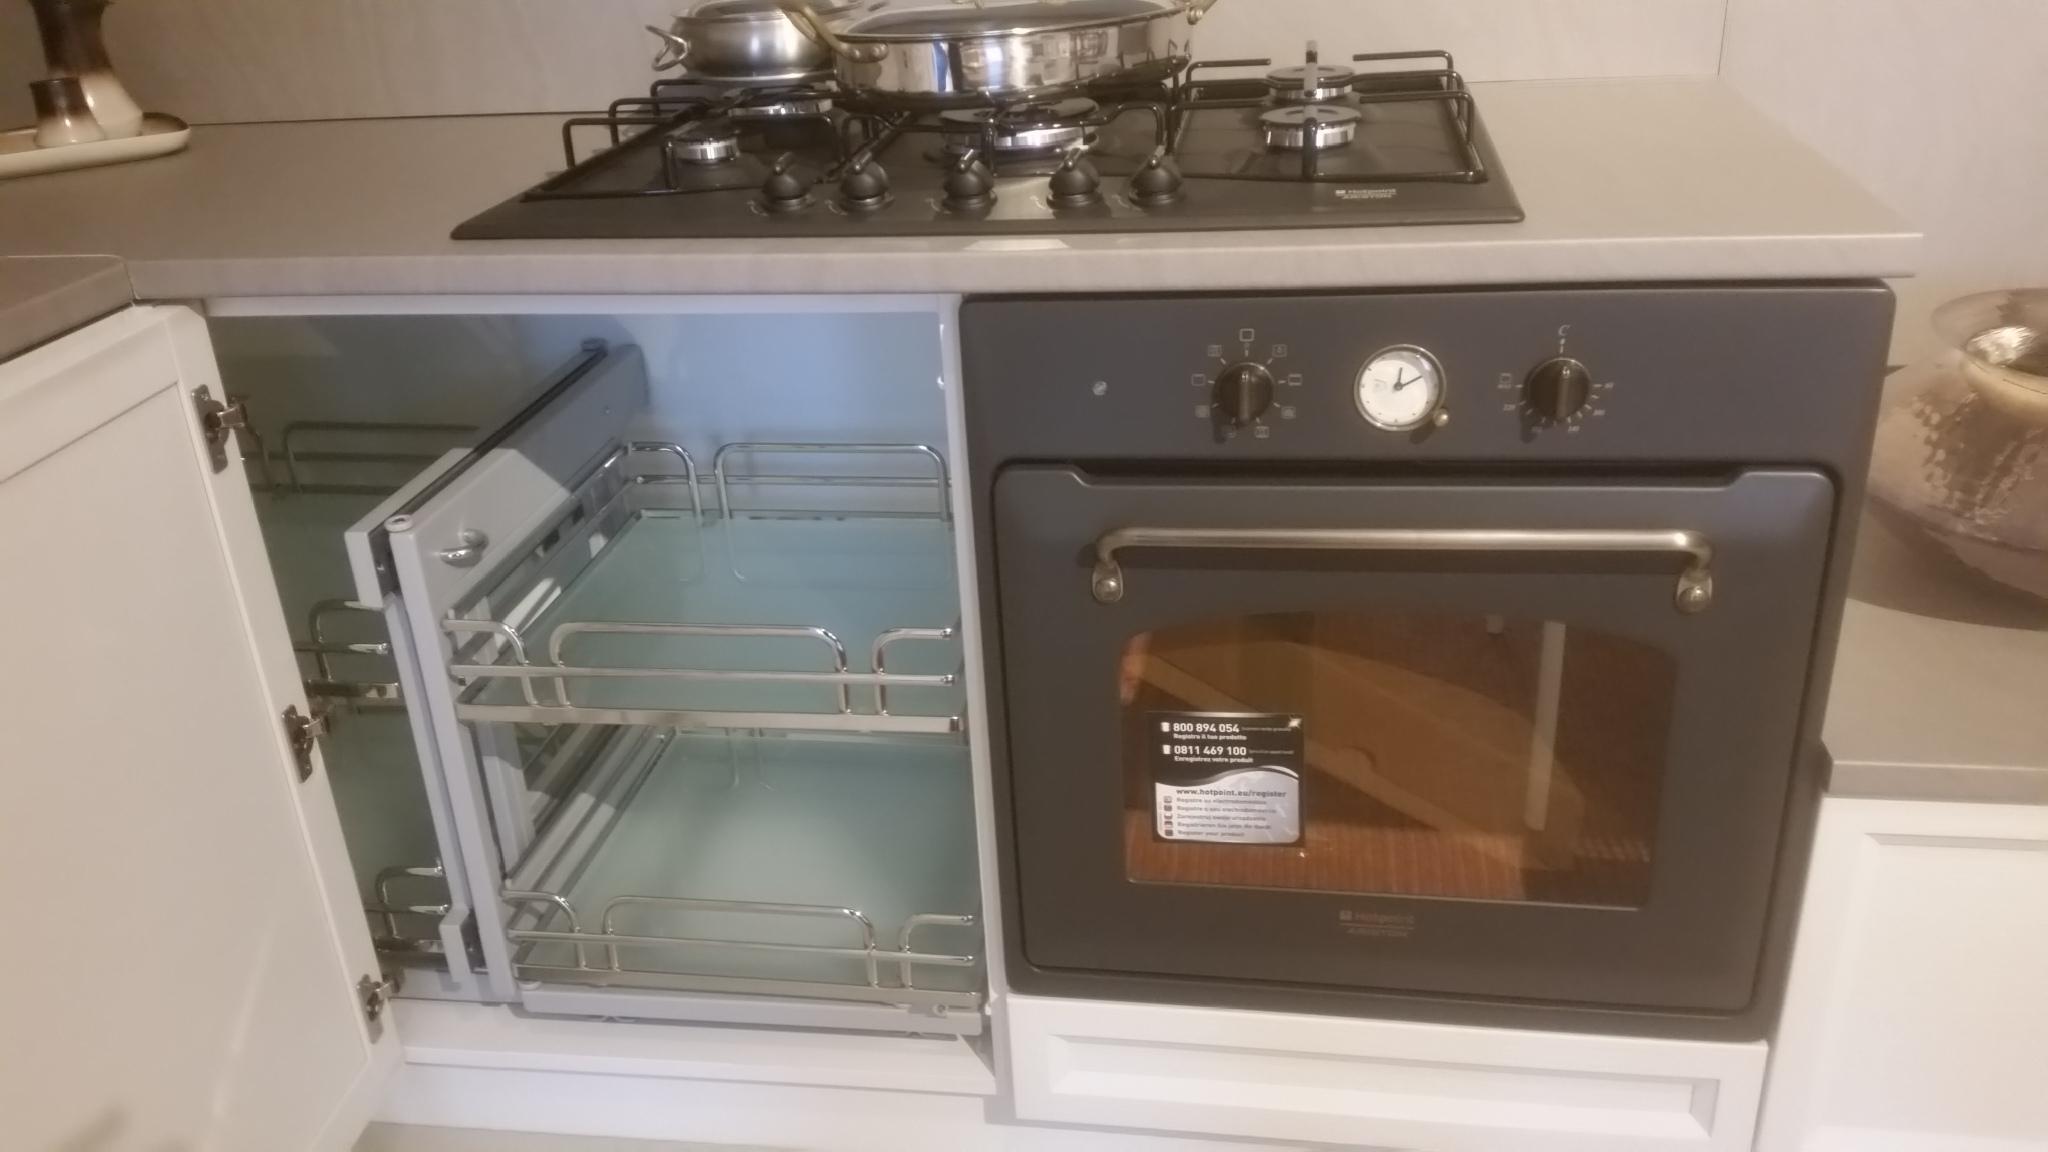 Scavolini Cucina Atelier Telaio Legno Scontata 40% - Cucine a prezzi scontati